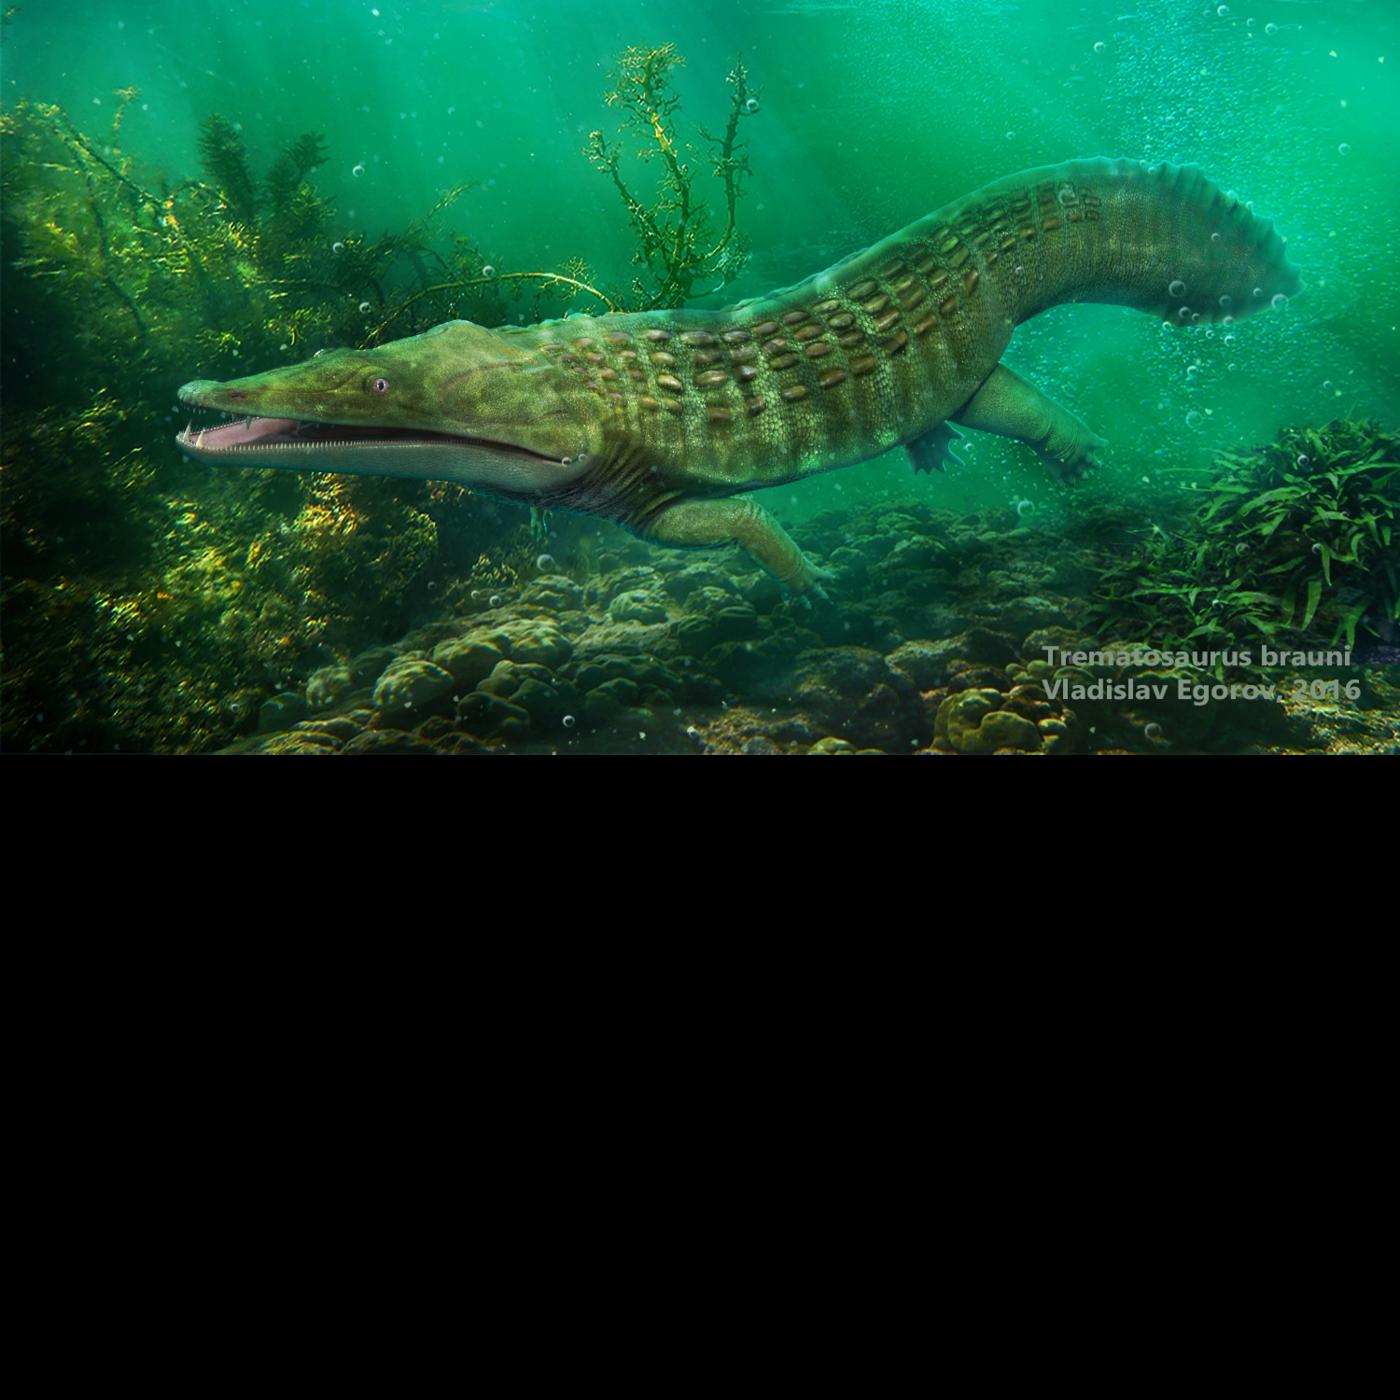 Trematosaurus brauni